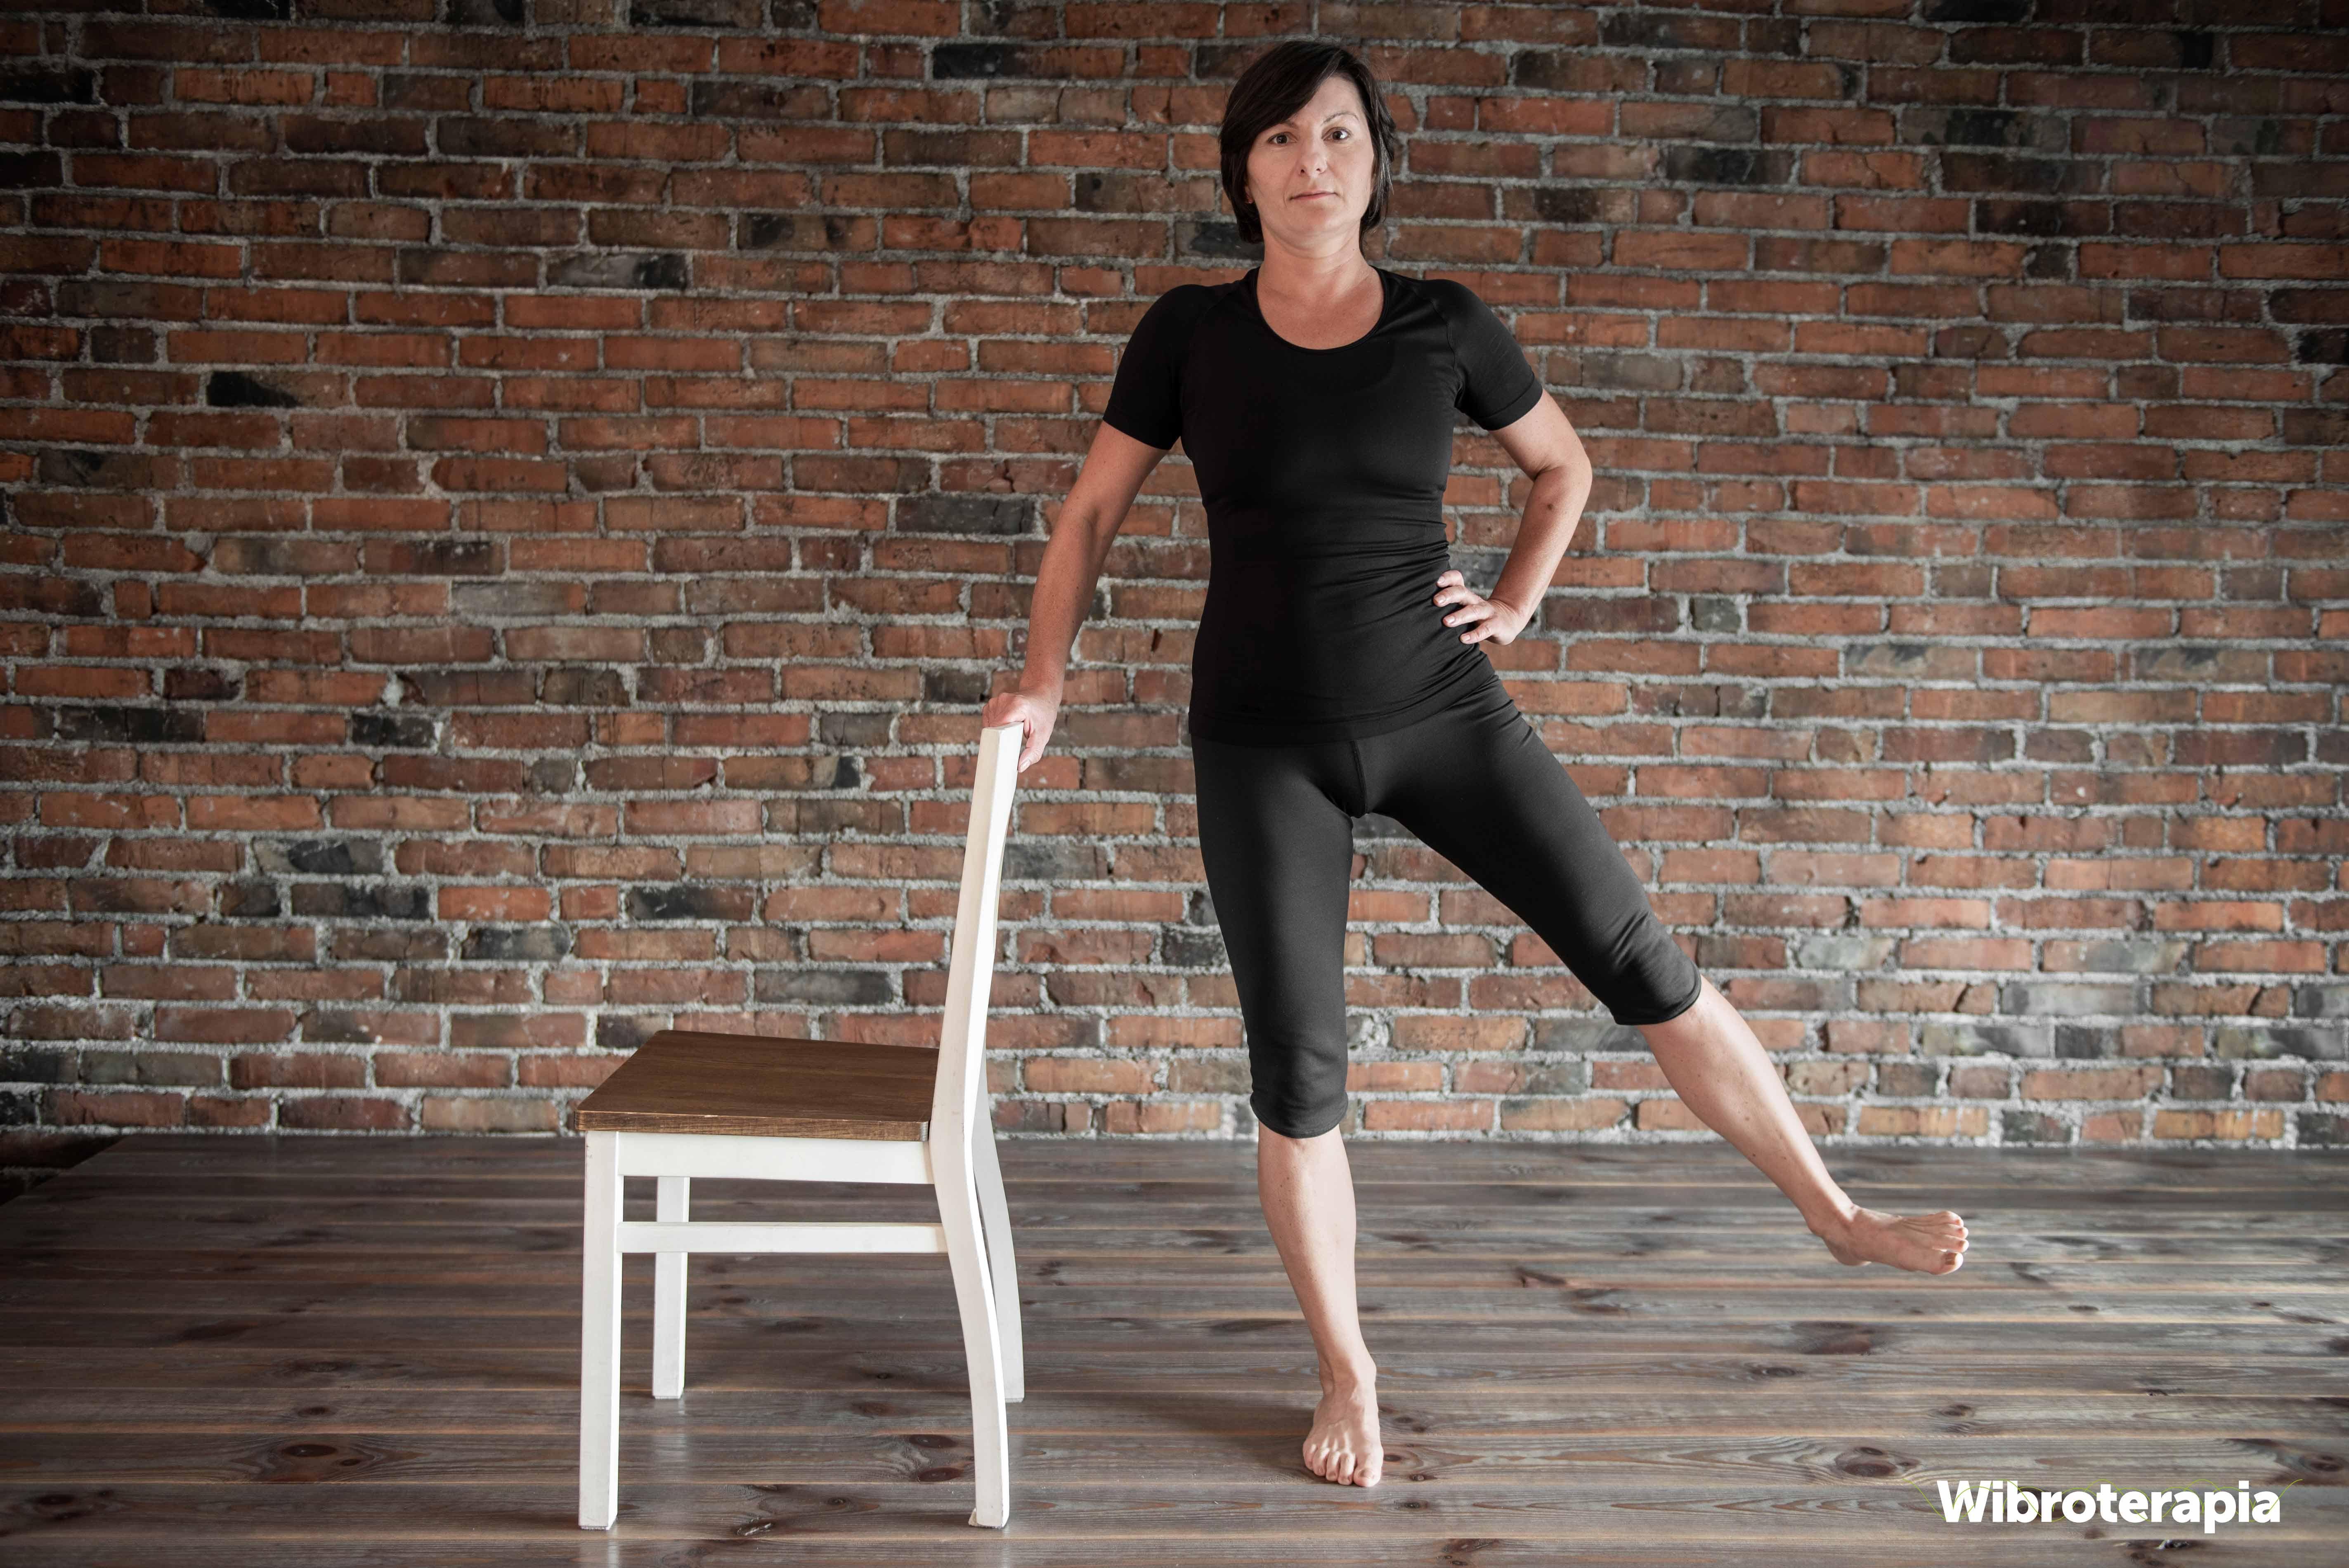 Ćwiczenia na ból biodra - odwodzenie nogi w bok